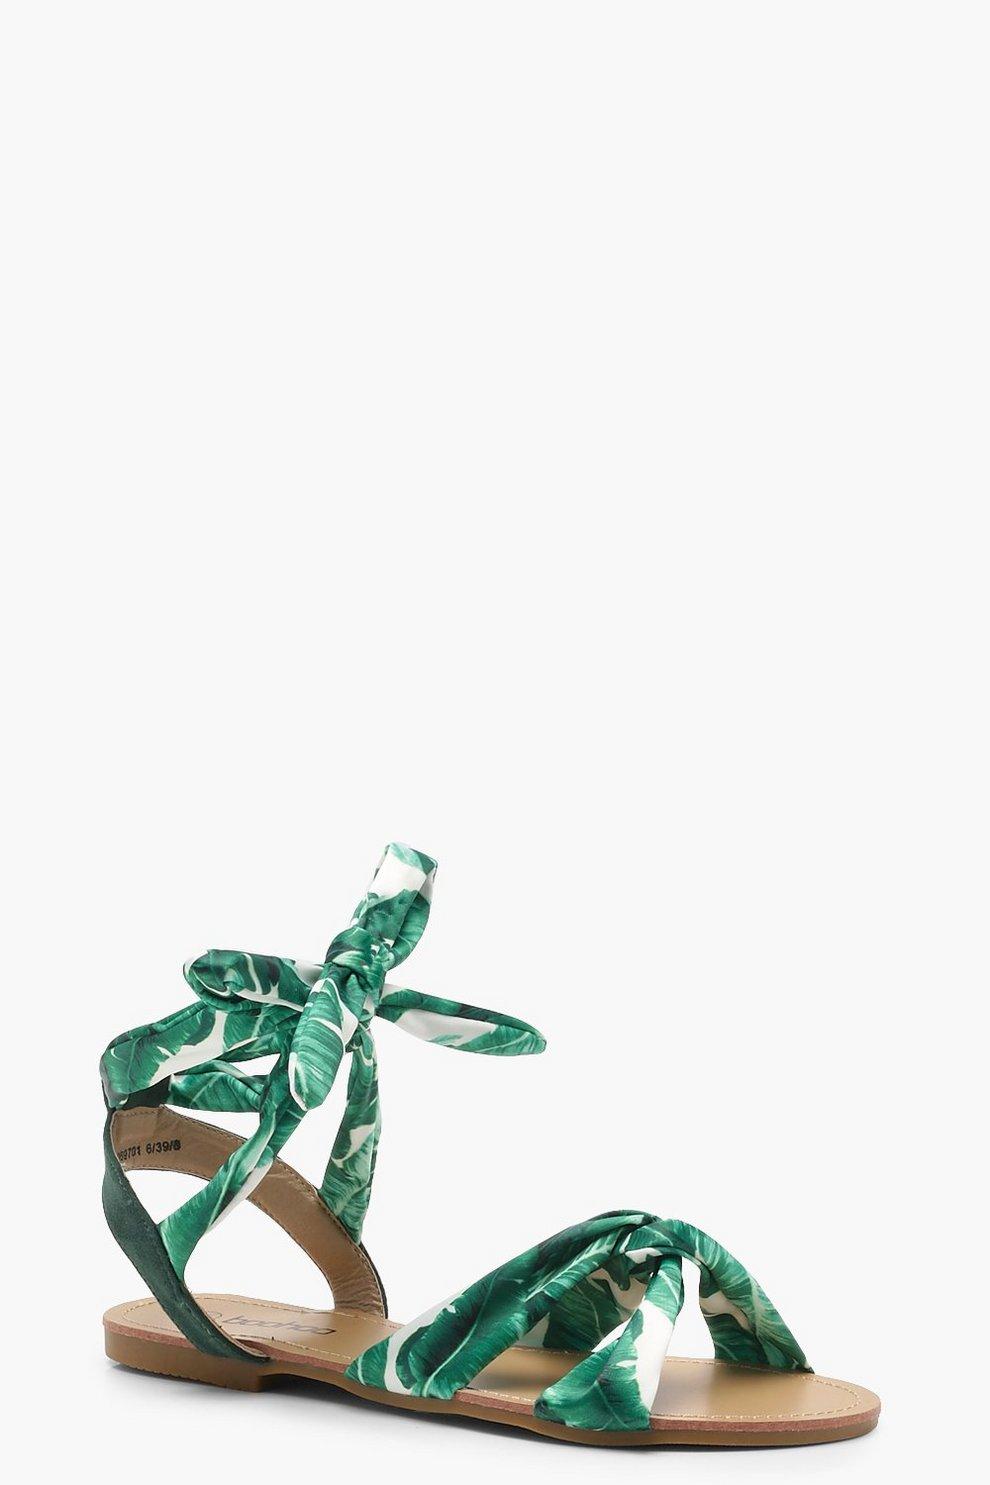 Sandali con fascette a strap con stampa tropicana Daisy boohoo verdi Floreale 4lupsW